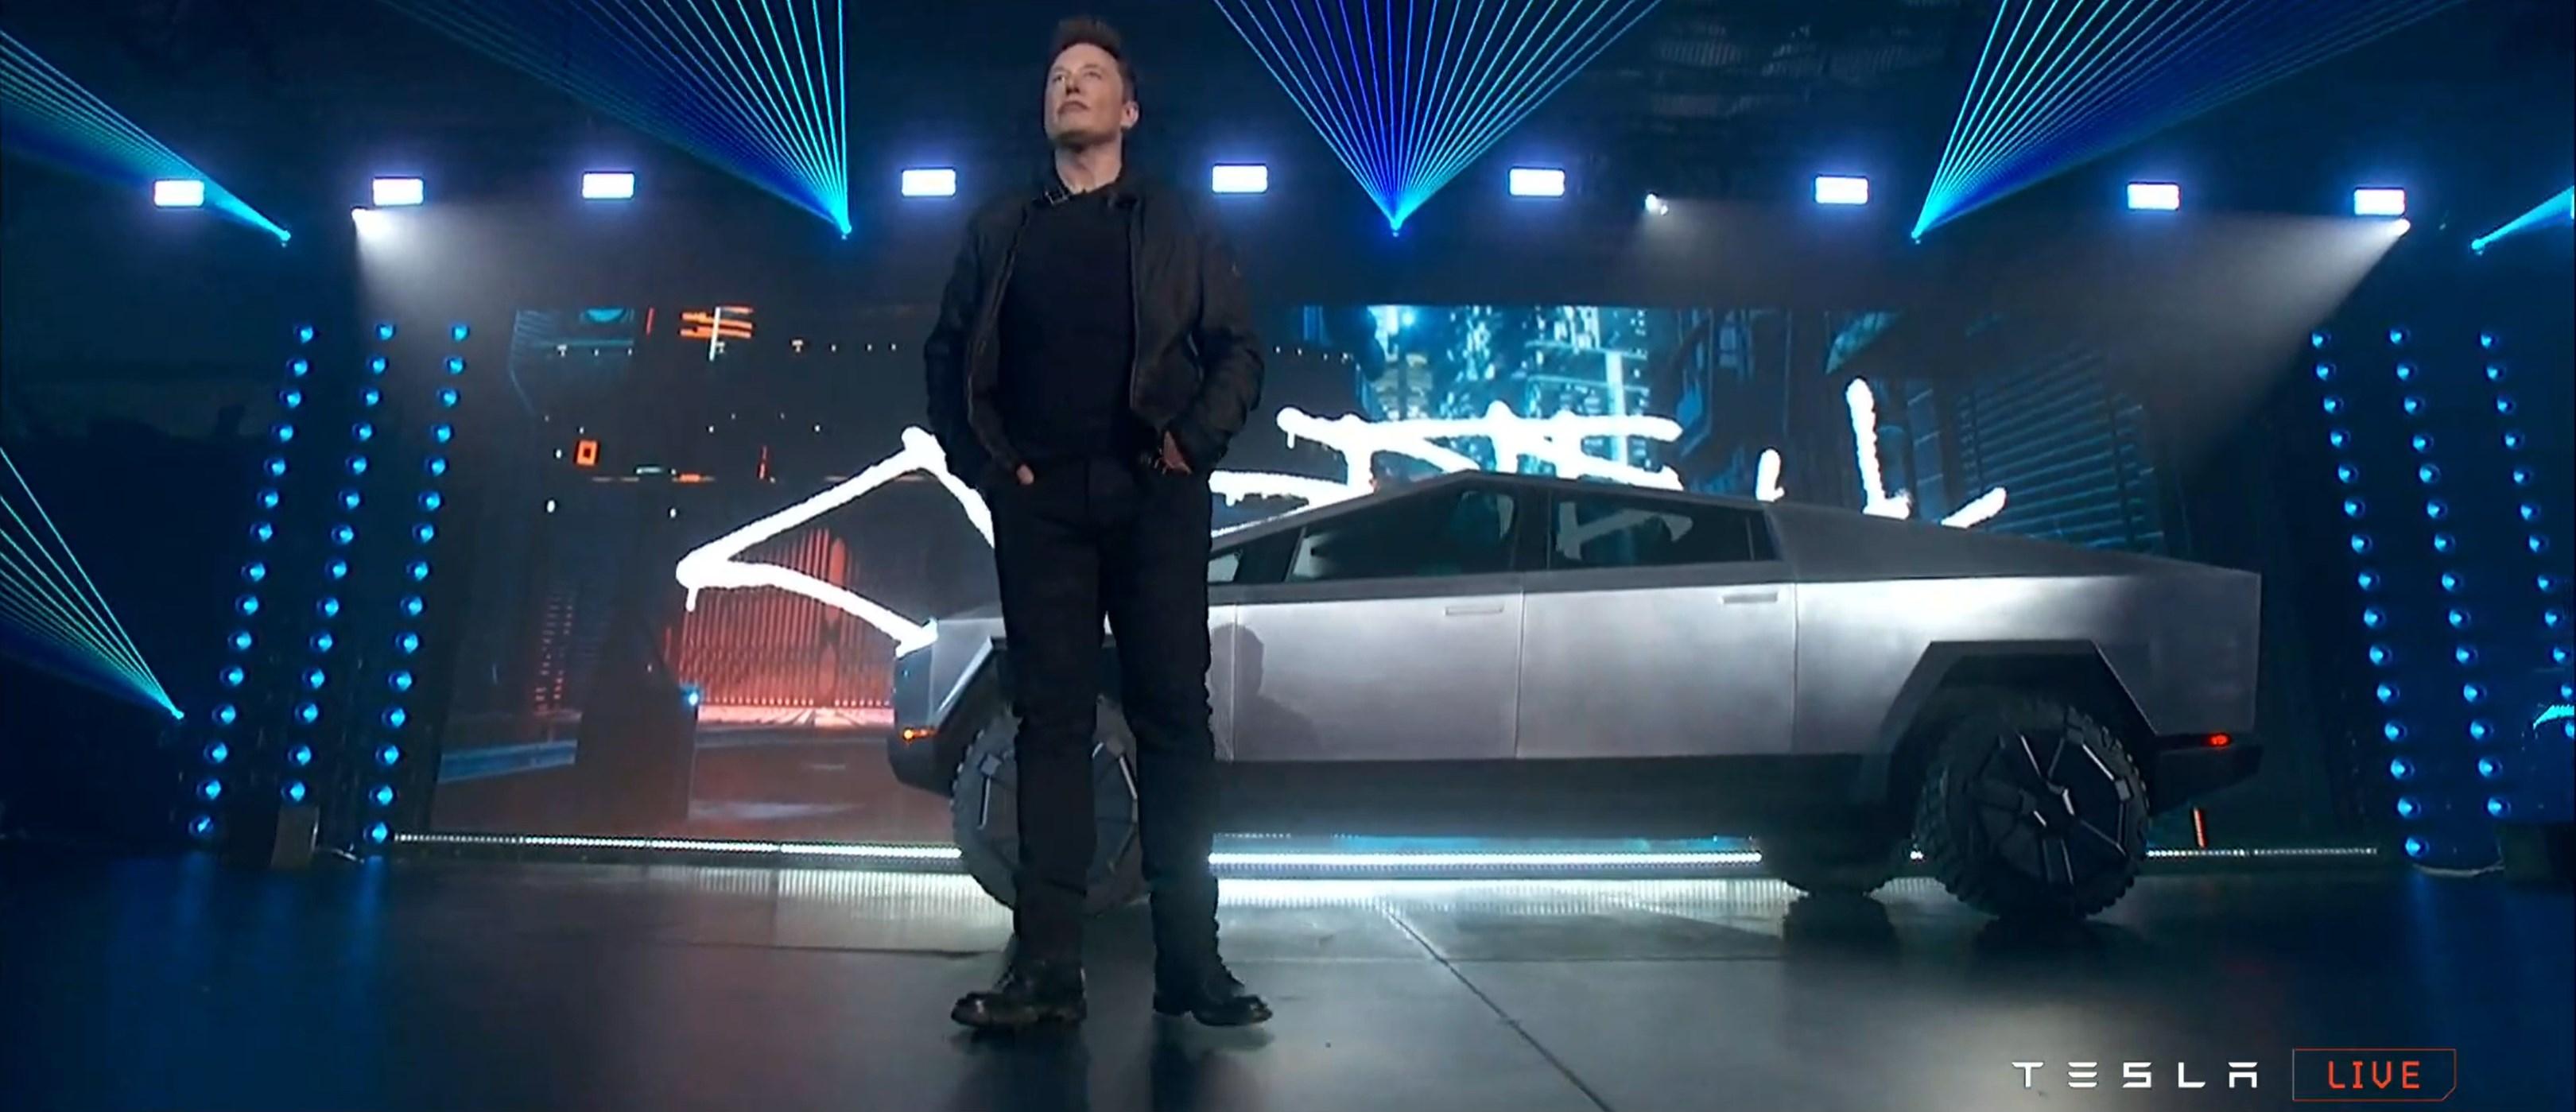 Cybertruck reveal webcast (Tesla) 5